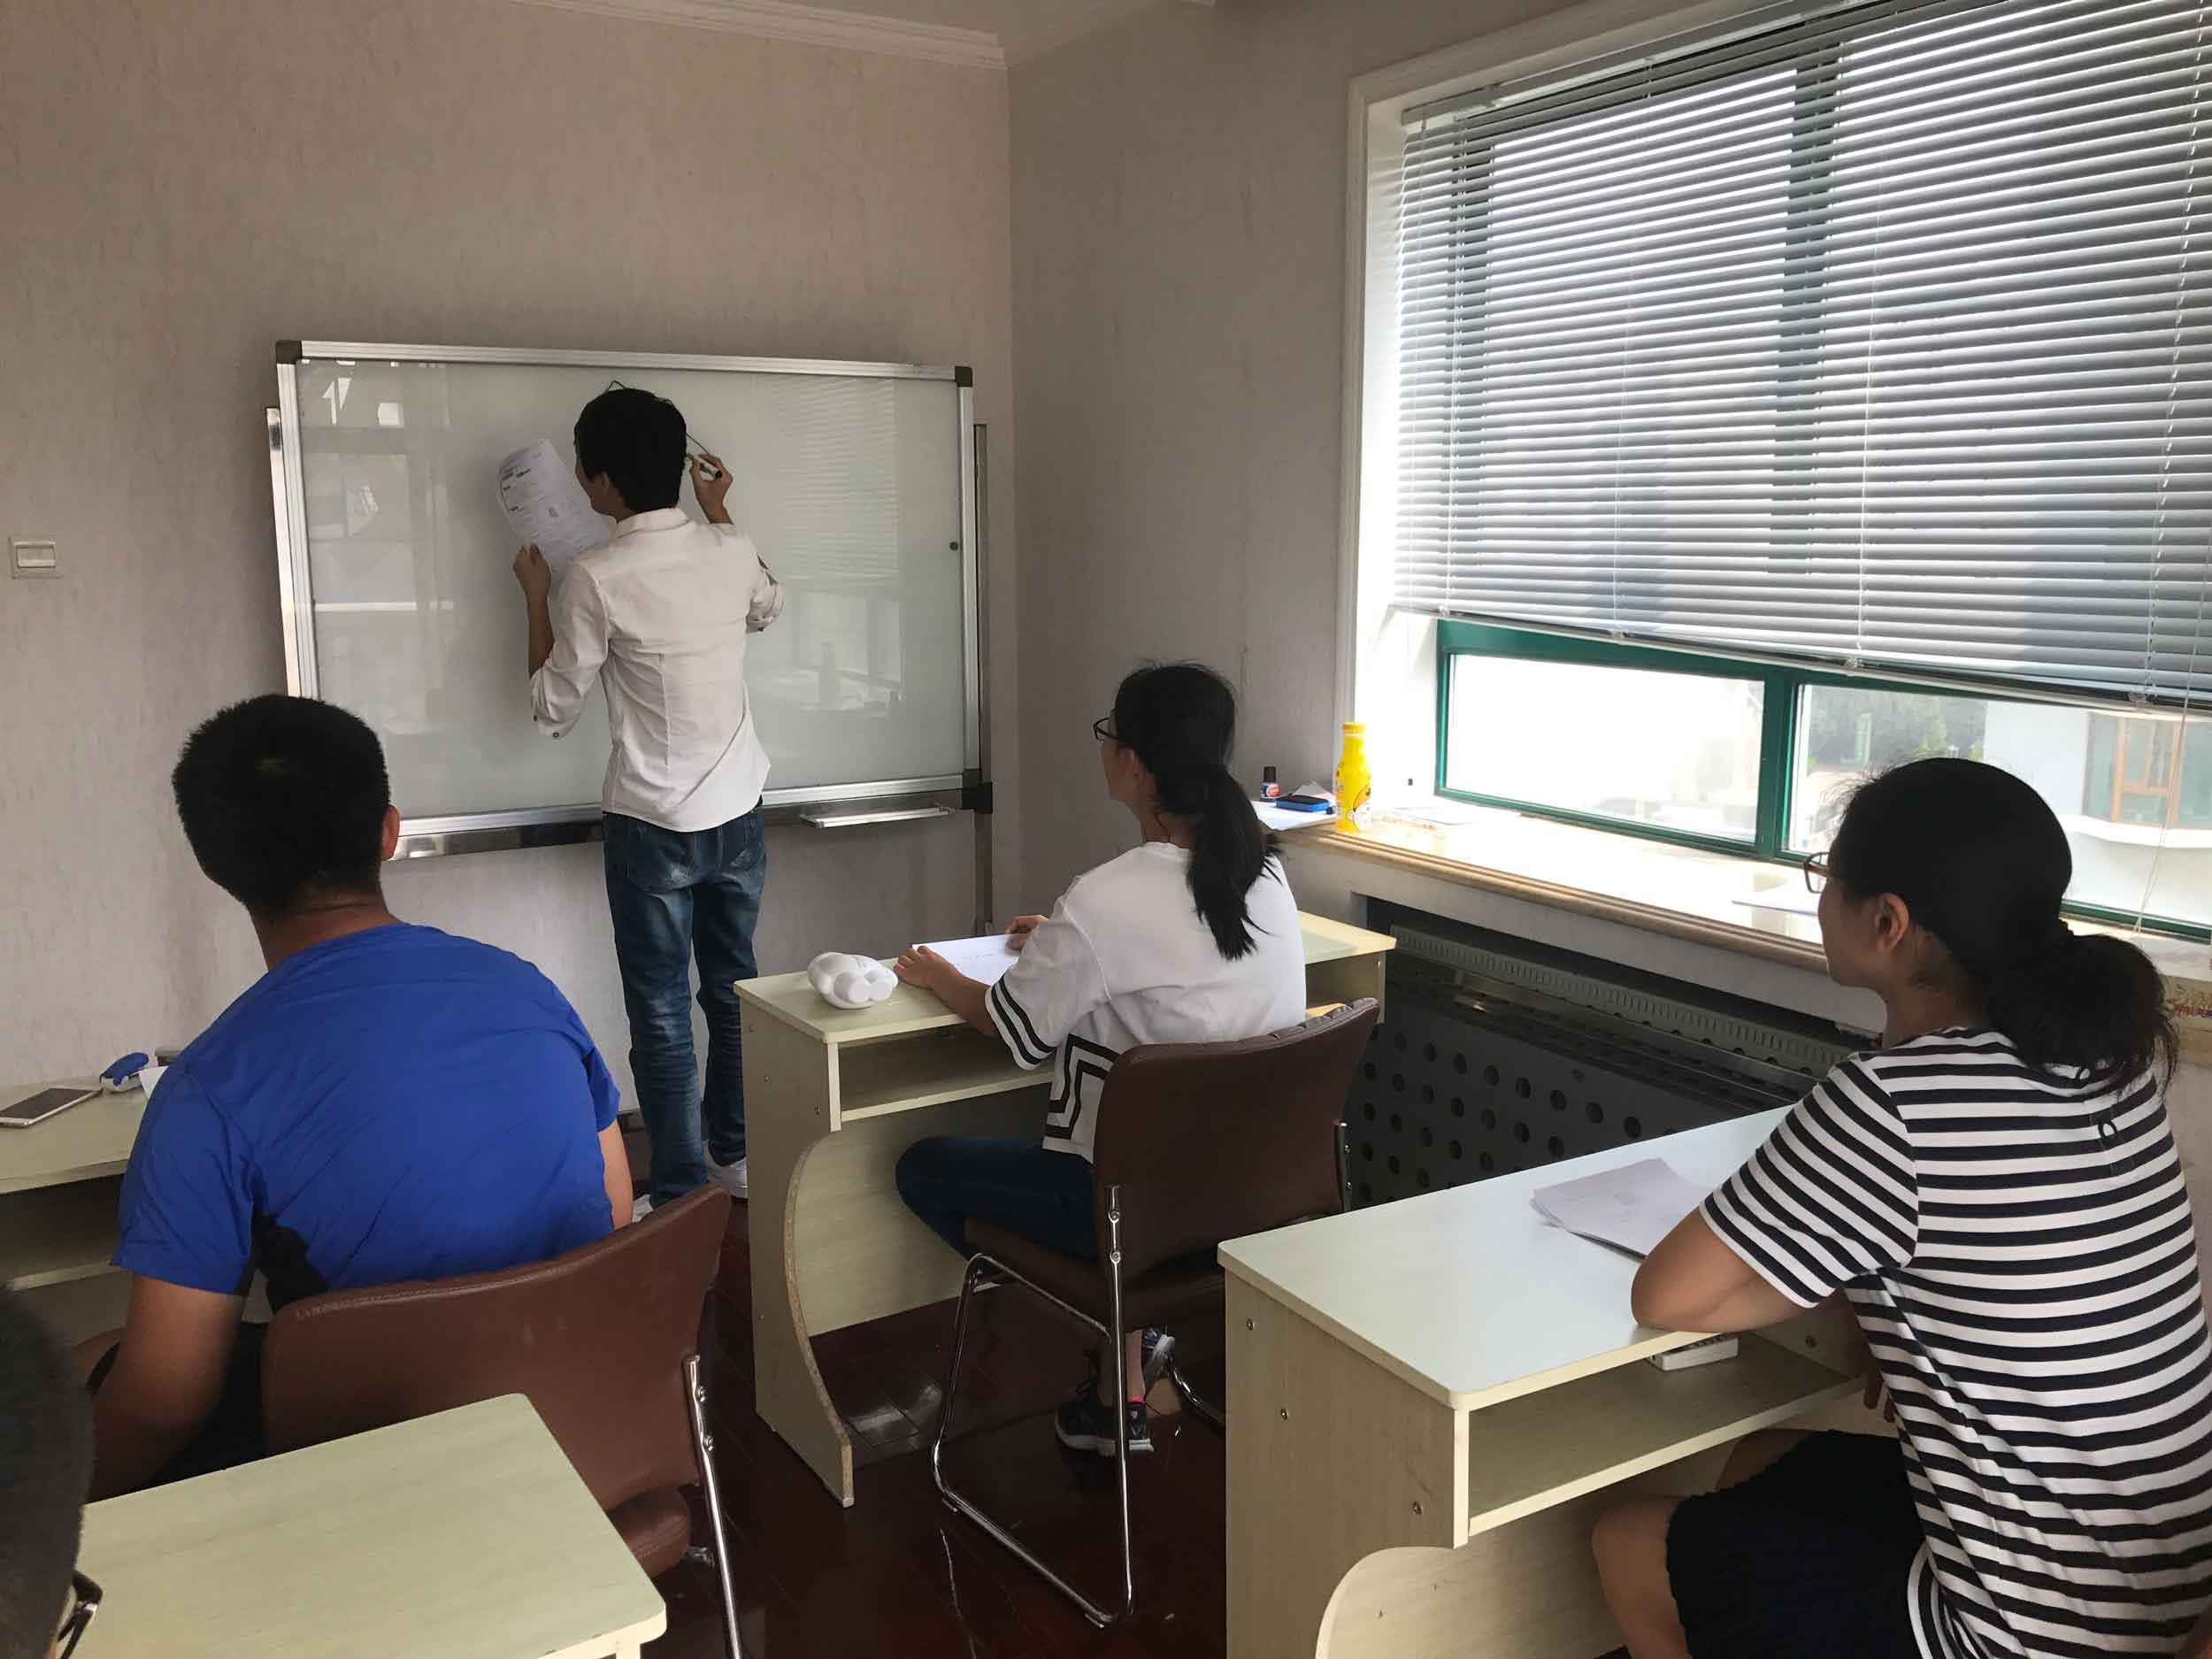 專業的文化課輔導星空教育科技提供-煙臺文化課輔導公司